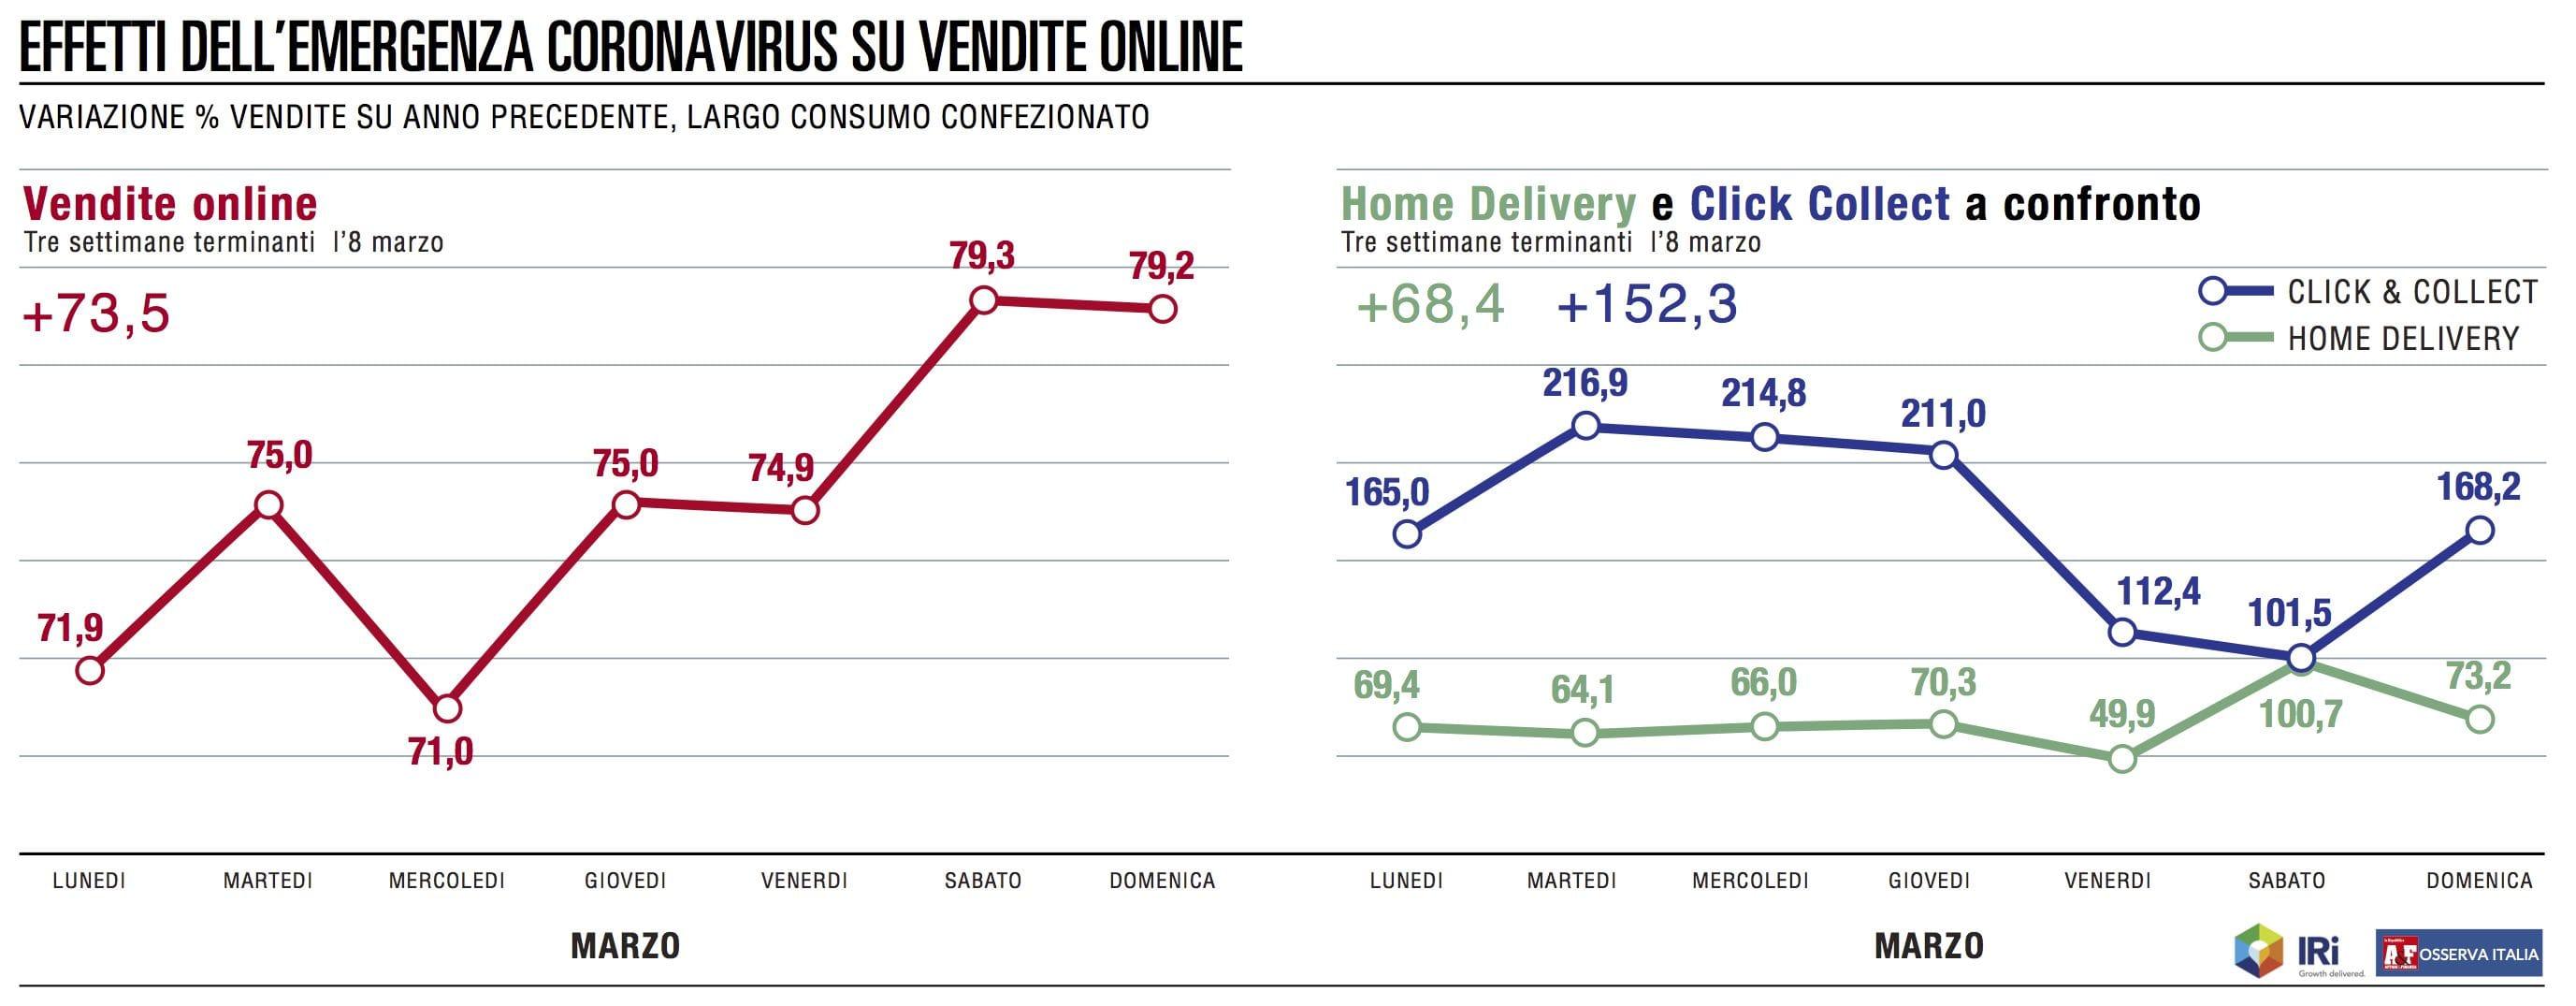 Volano le vendite online della distribuzione moderna